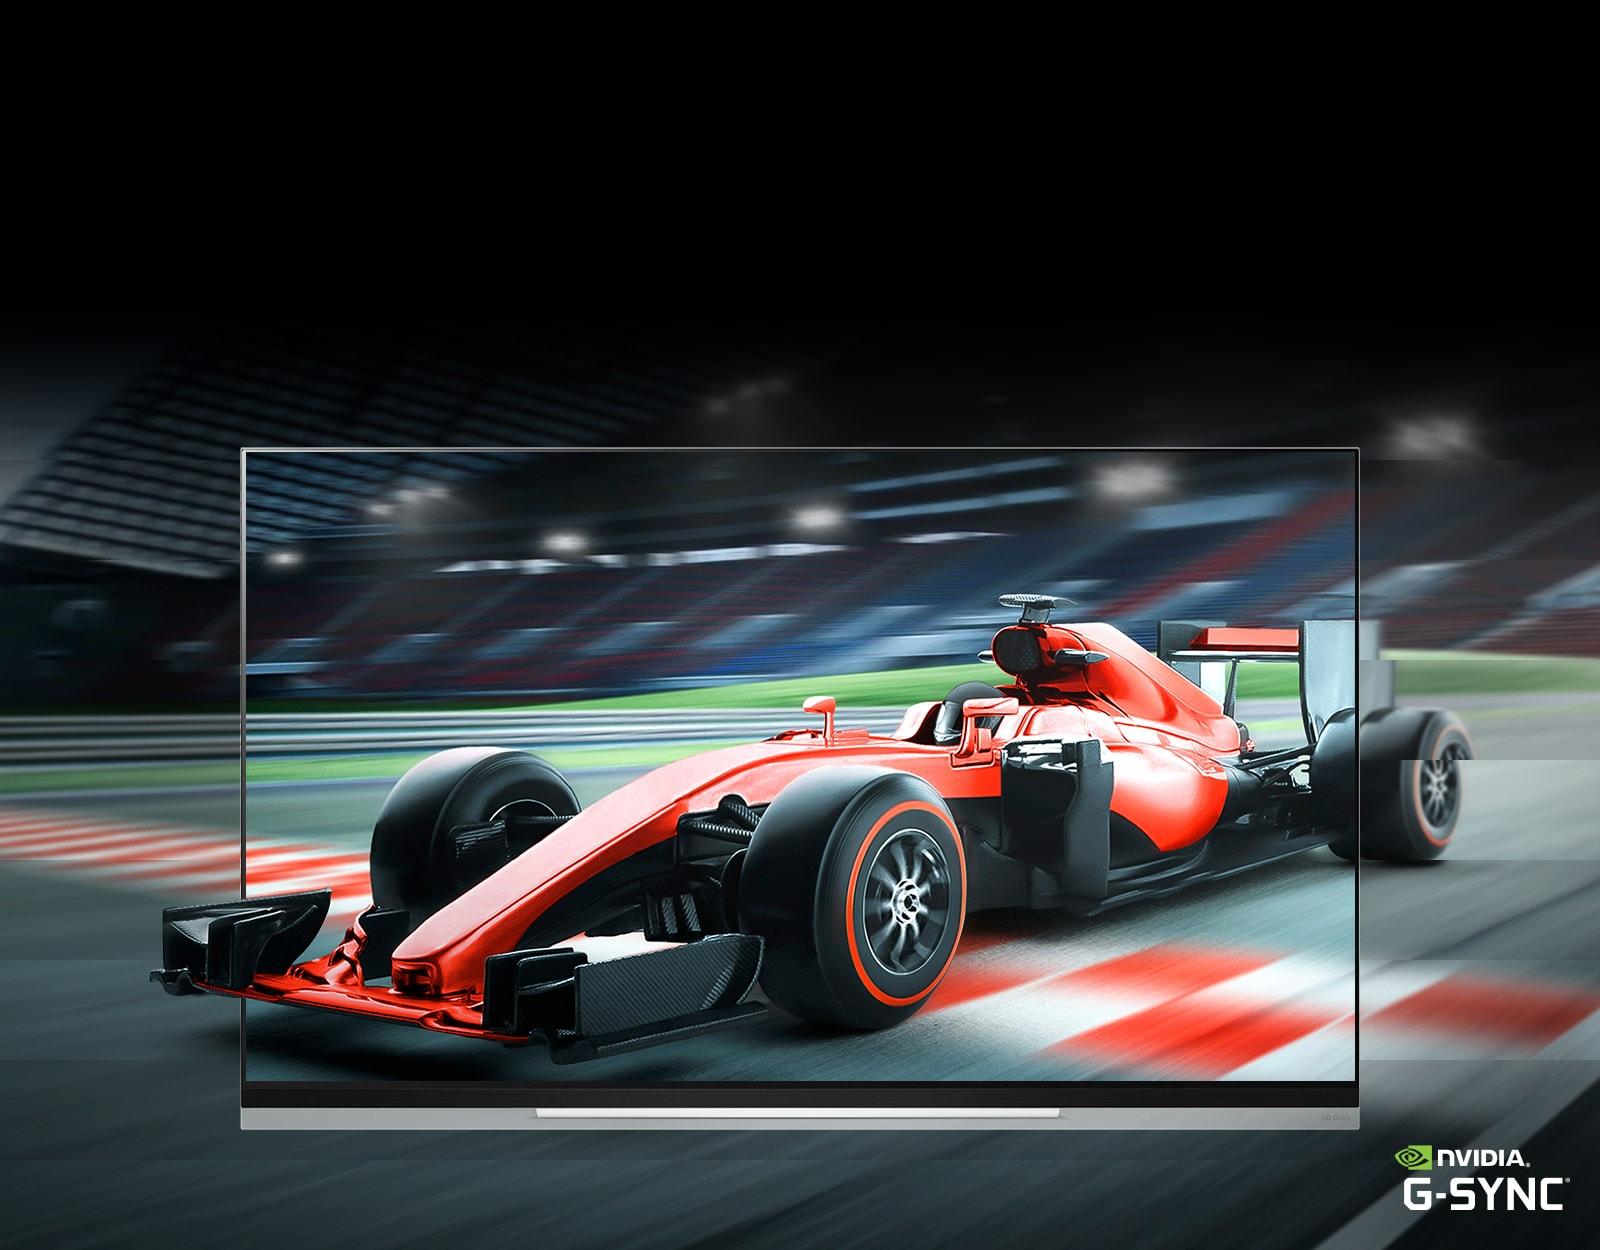 Совместимость с G-Sync® для игр на большом экране